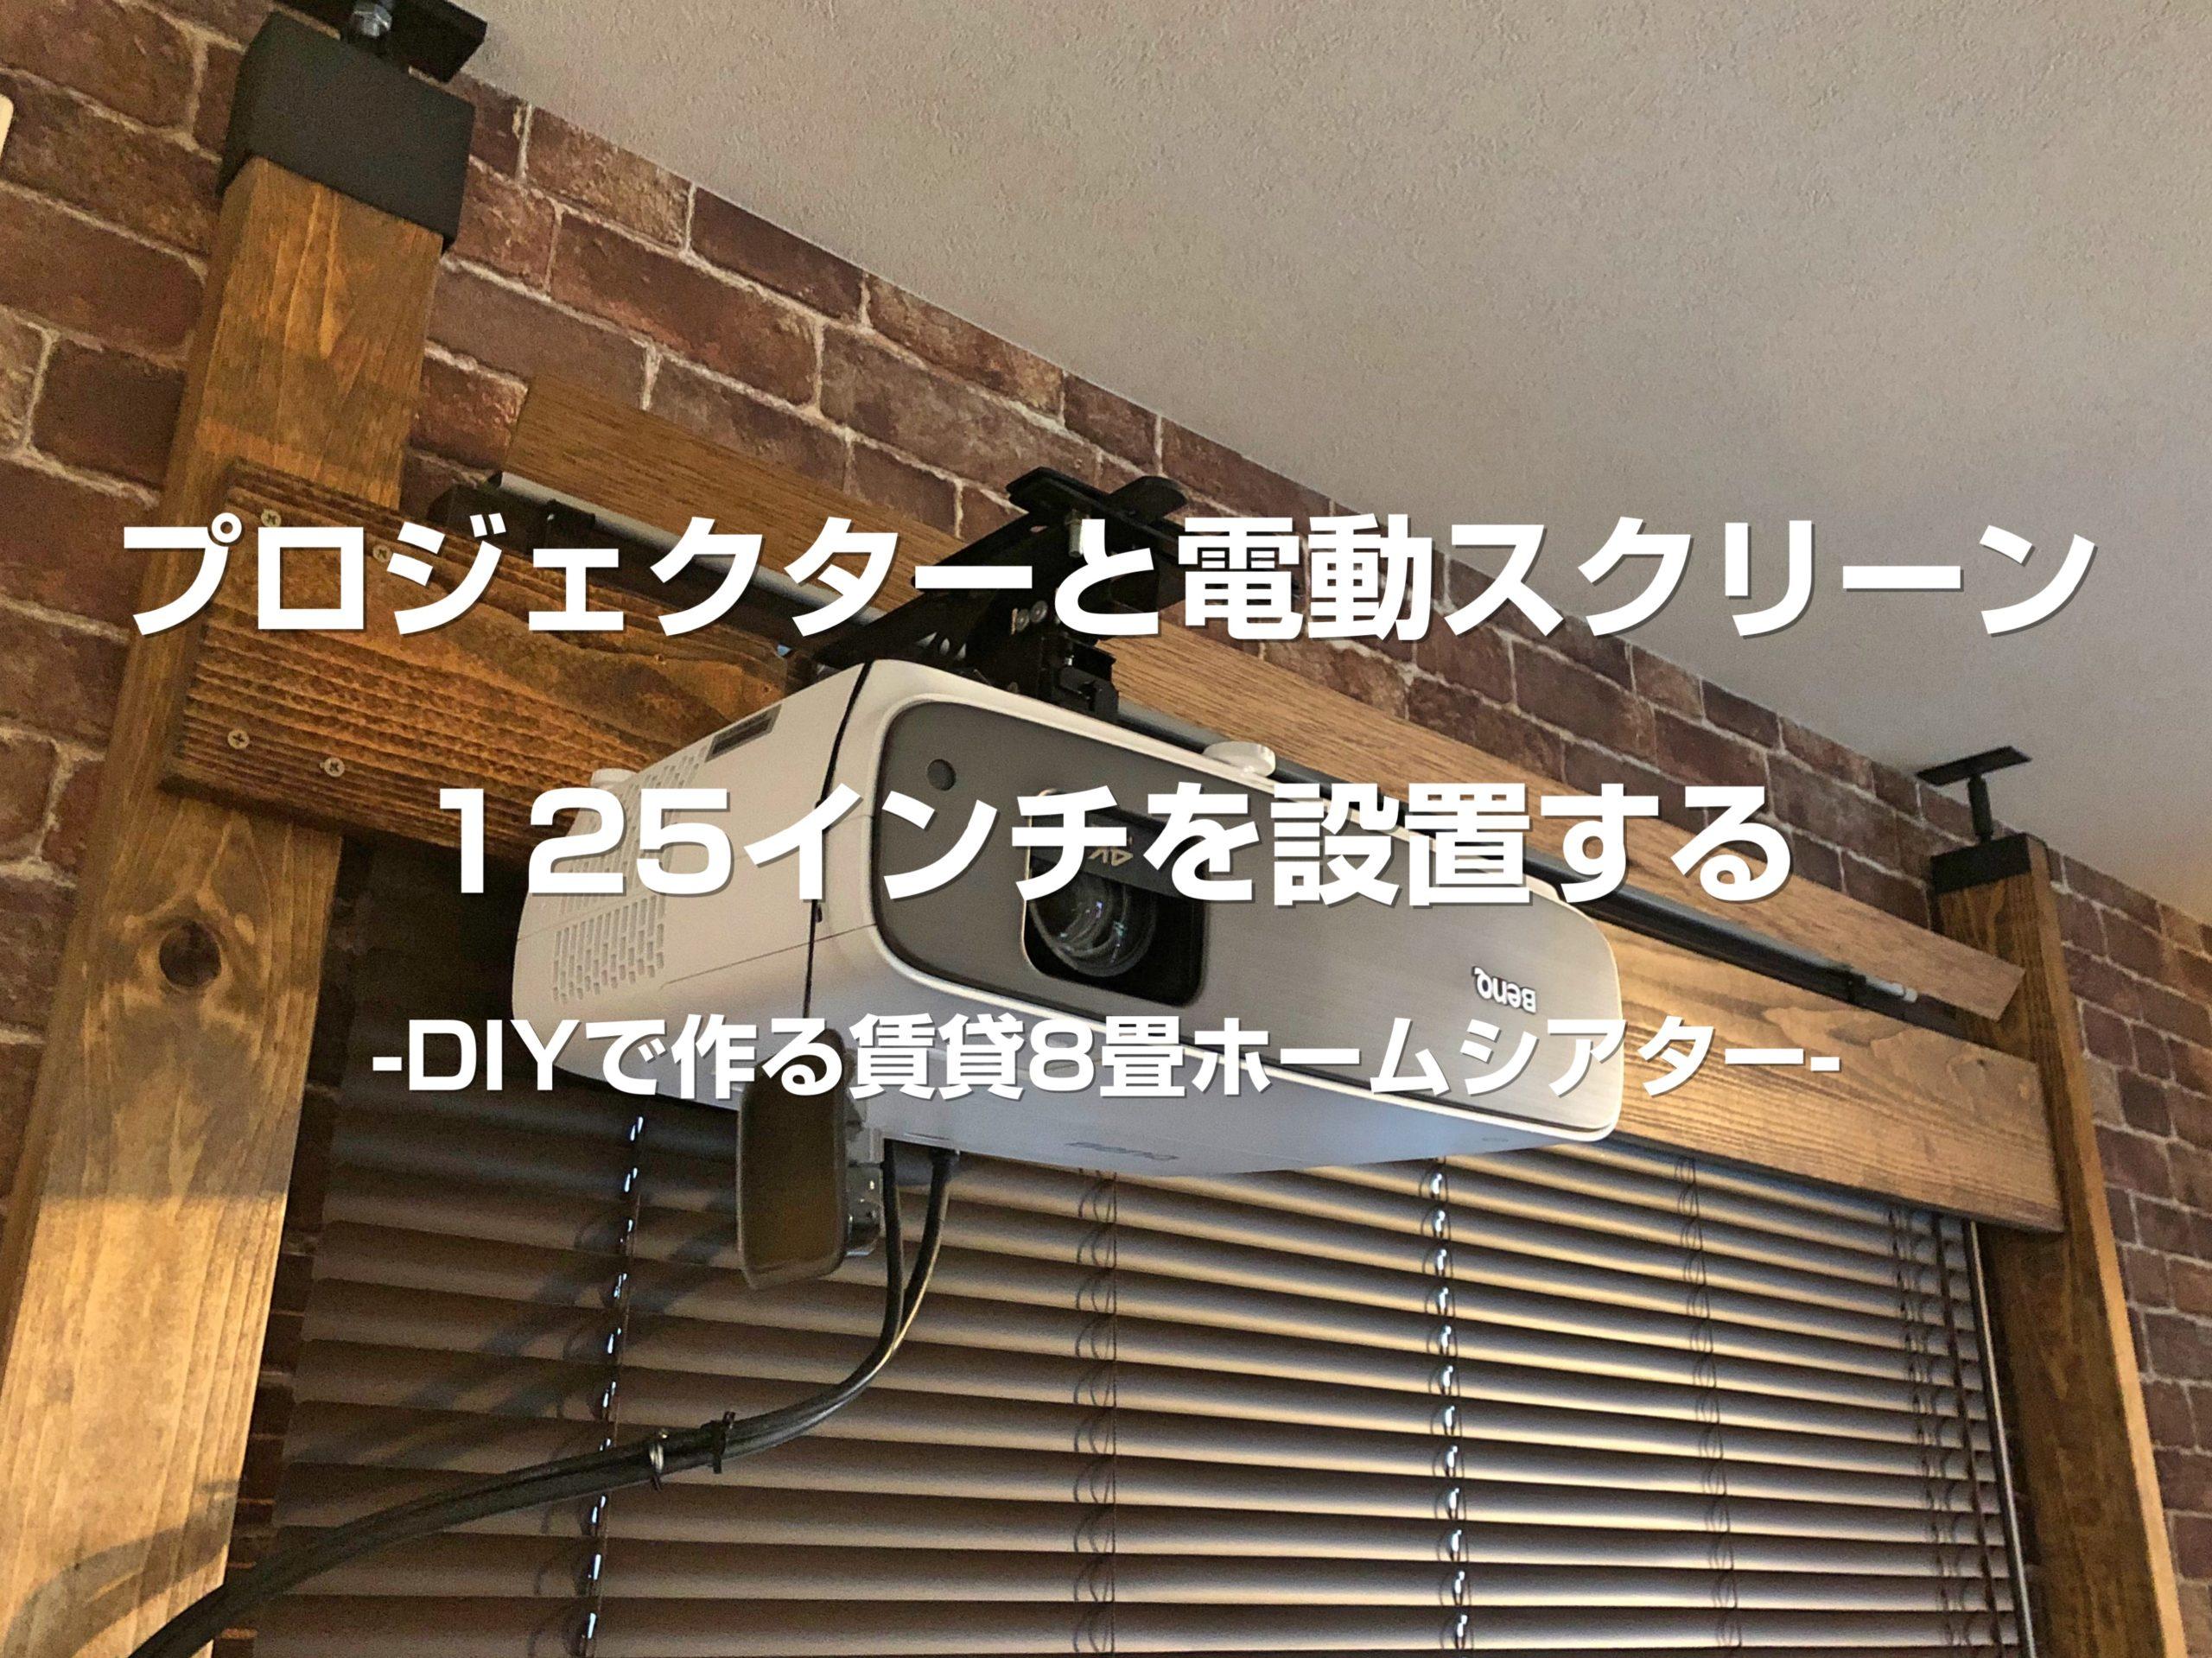 プロジェクターと電動スクリーン125インチを設置する-DIYで作る賃貸8畳ホームシアター-